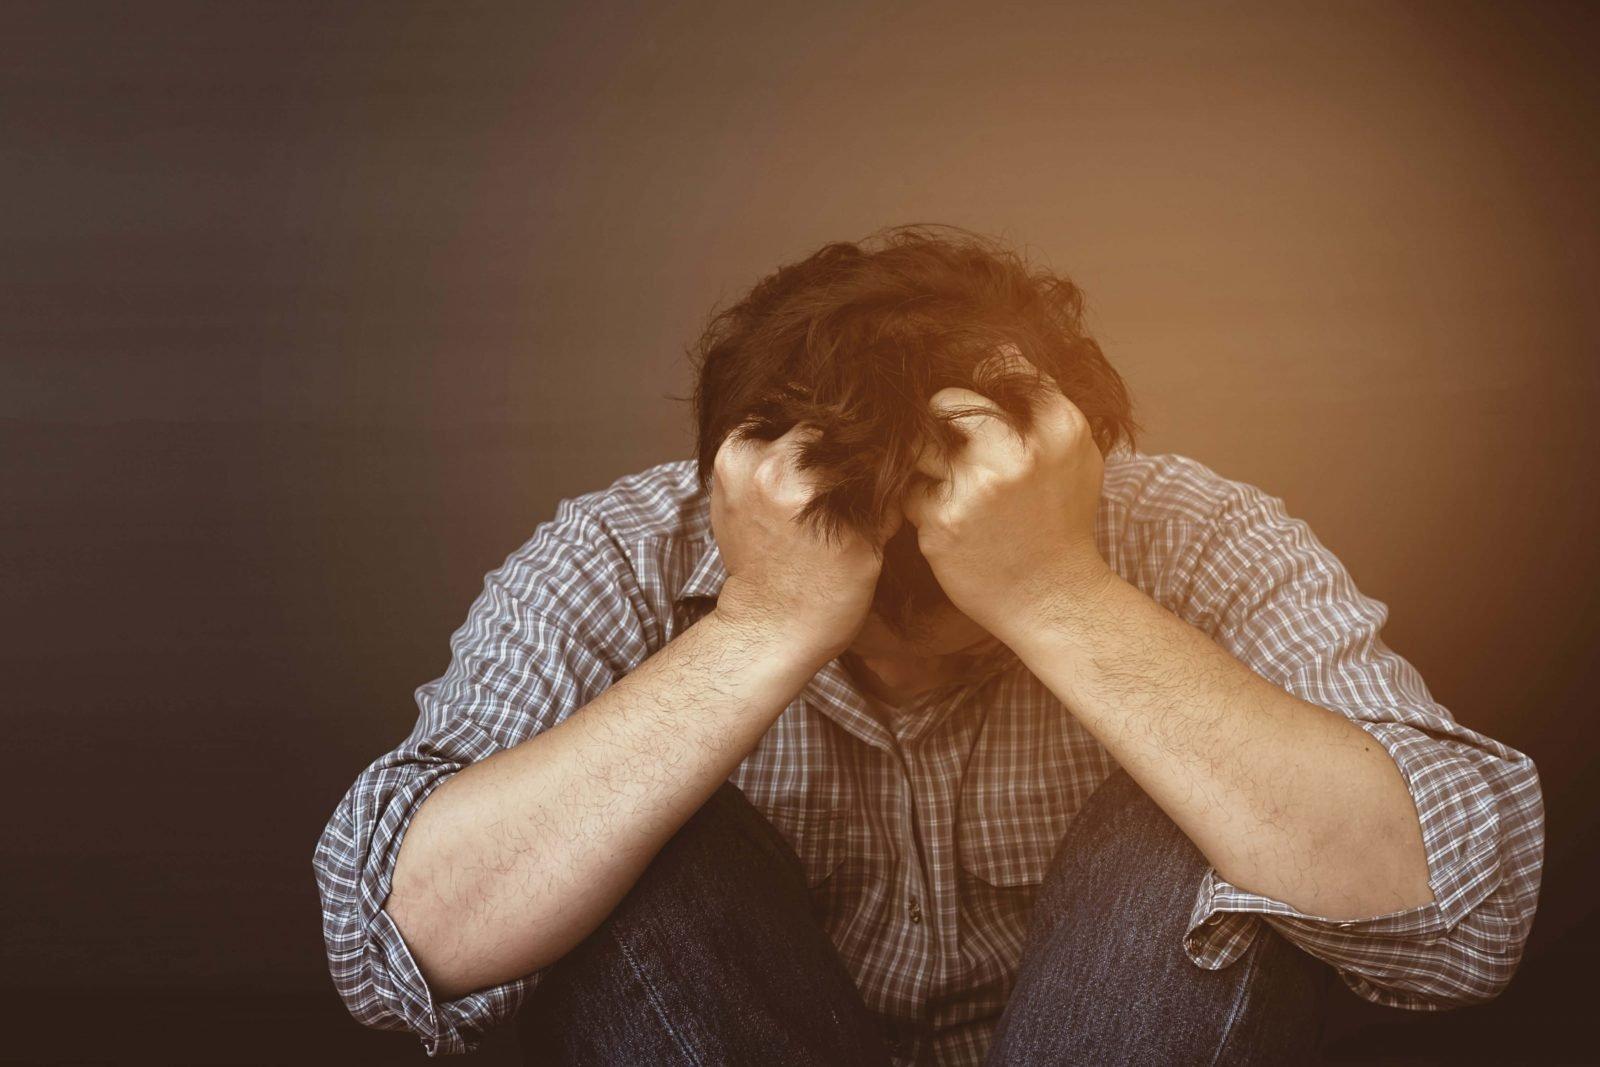 פוסט טראומה ודיכאון